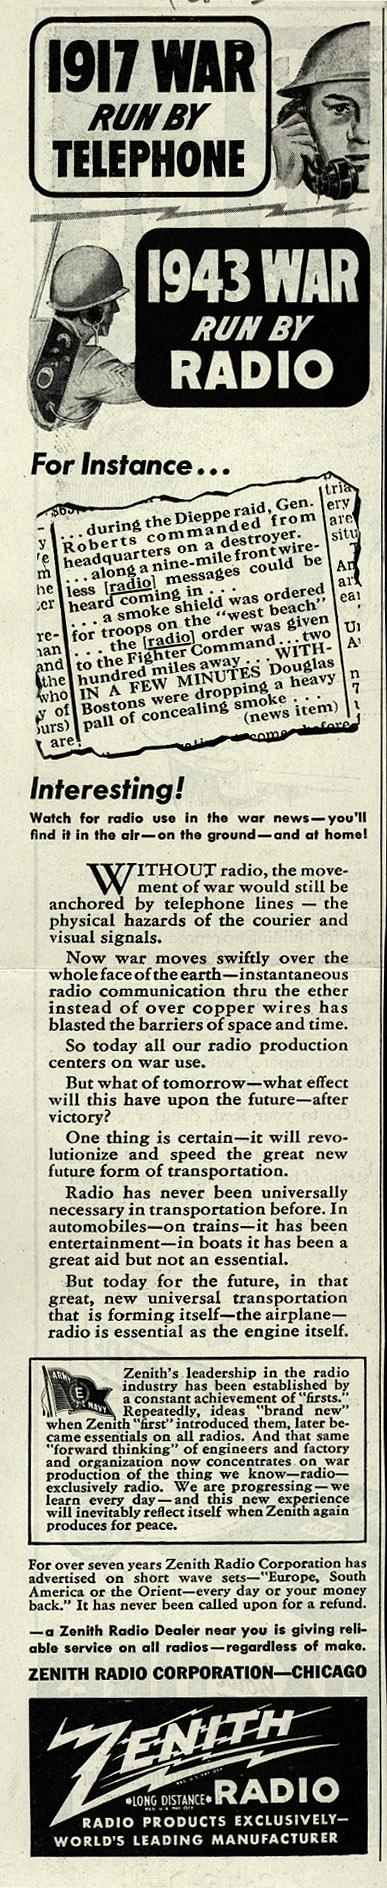 1917_war...1943_war